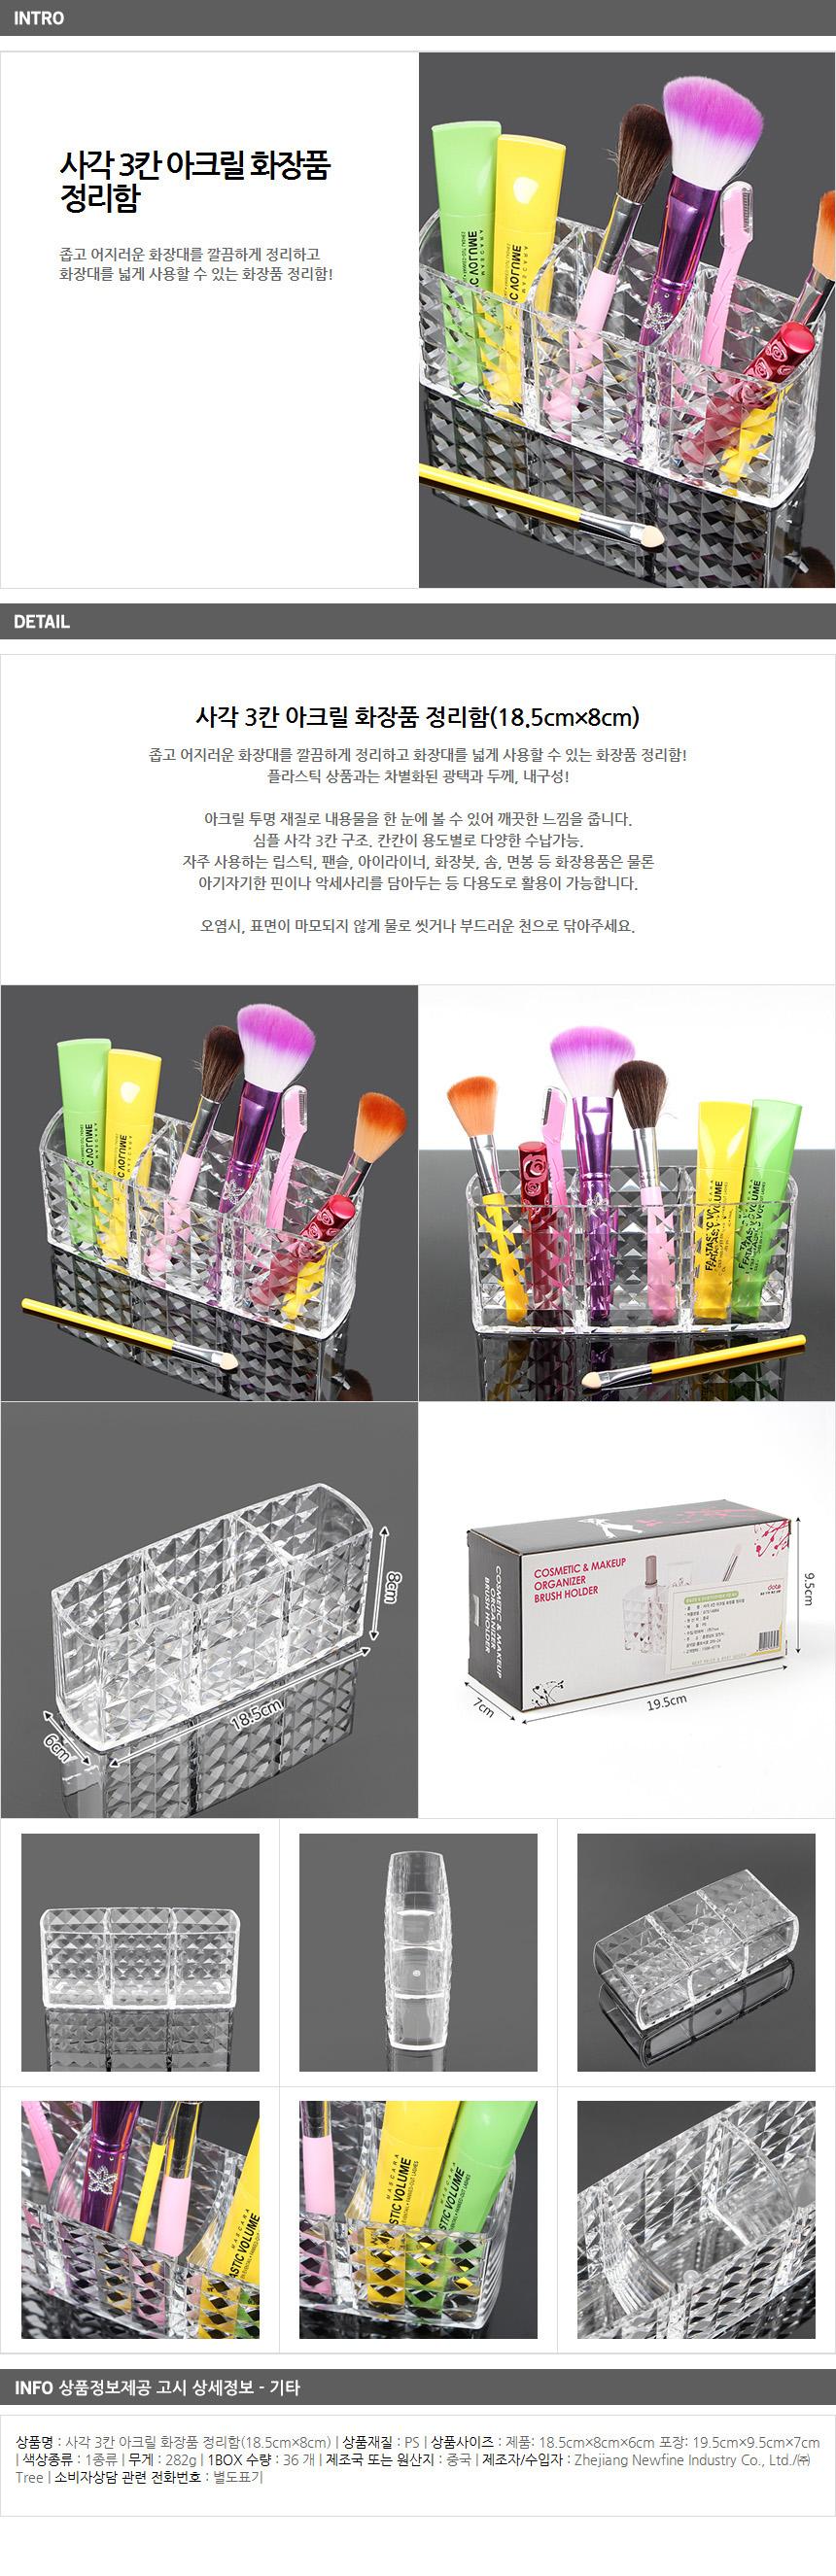 모던홈즈 화장대소품 아크릴화장품정리함 - 기프트갓, 8,740원, 정리함, 화장품정리함